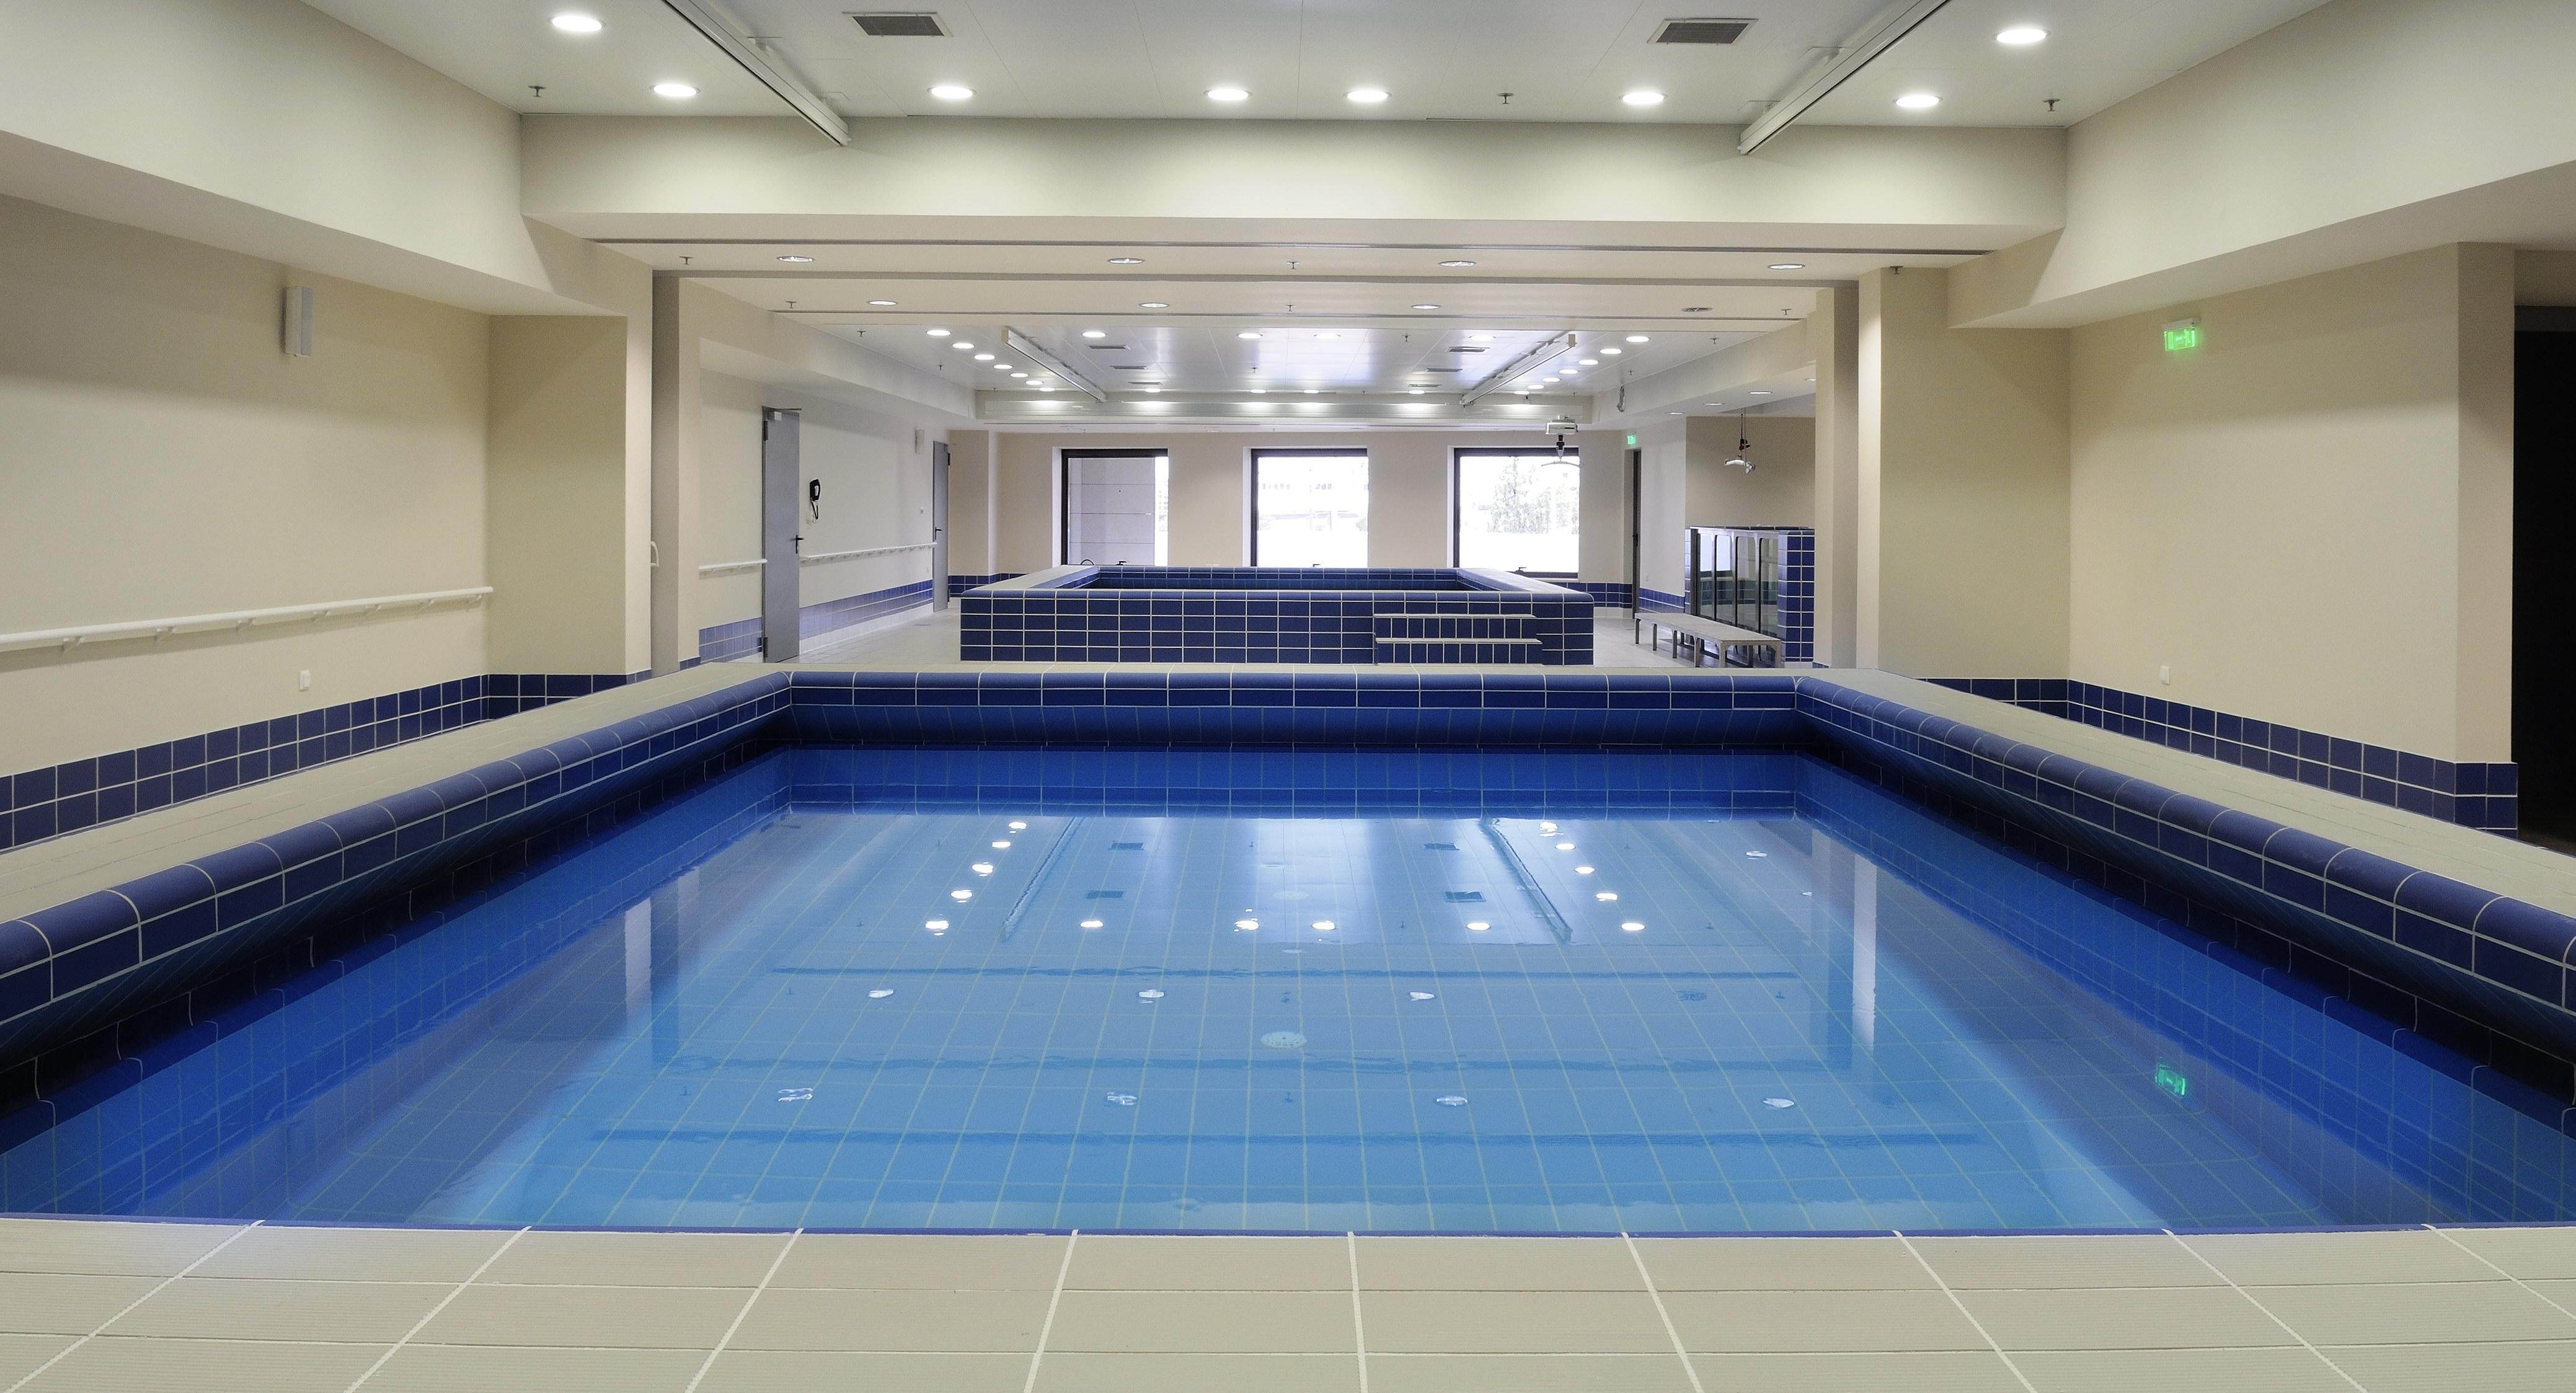 Κολυμβητήριο Baby Swimming Ιχθύς EUROMEDICA - Αρωγή